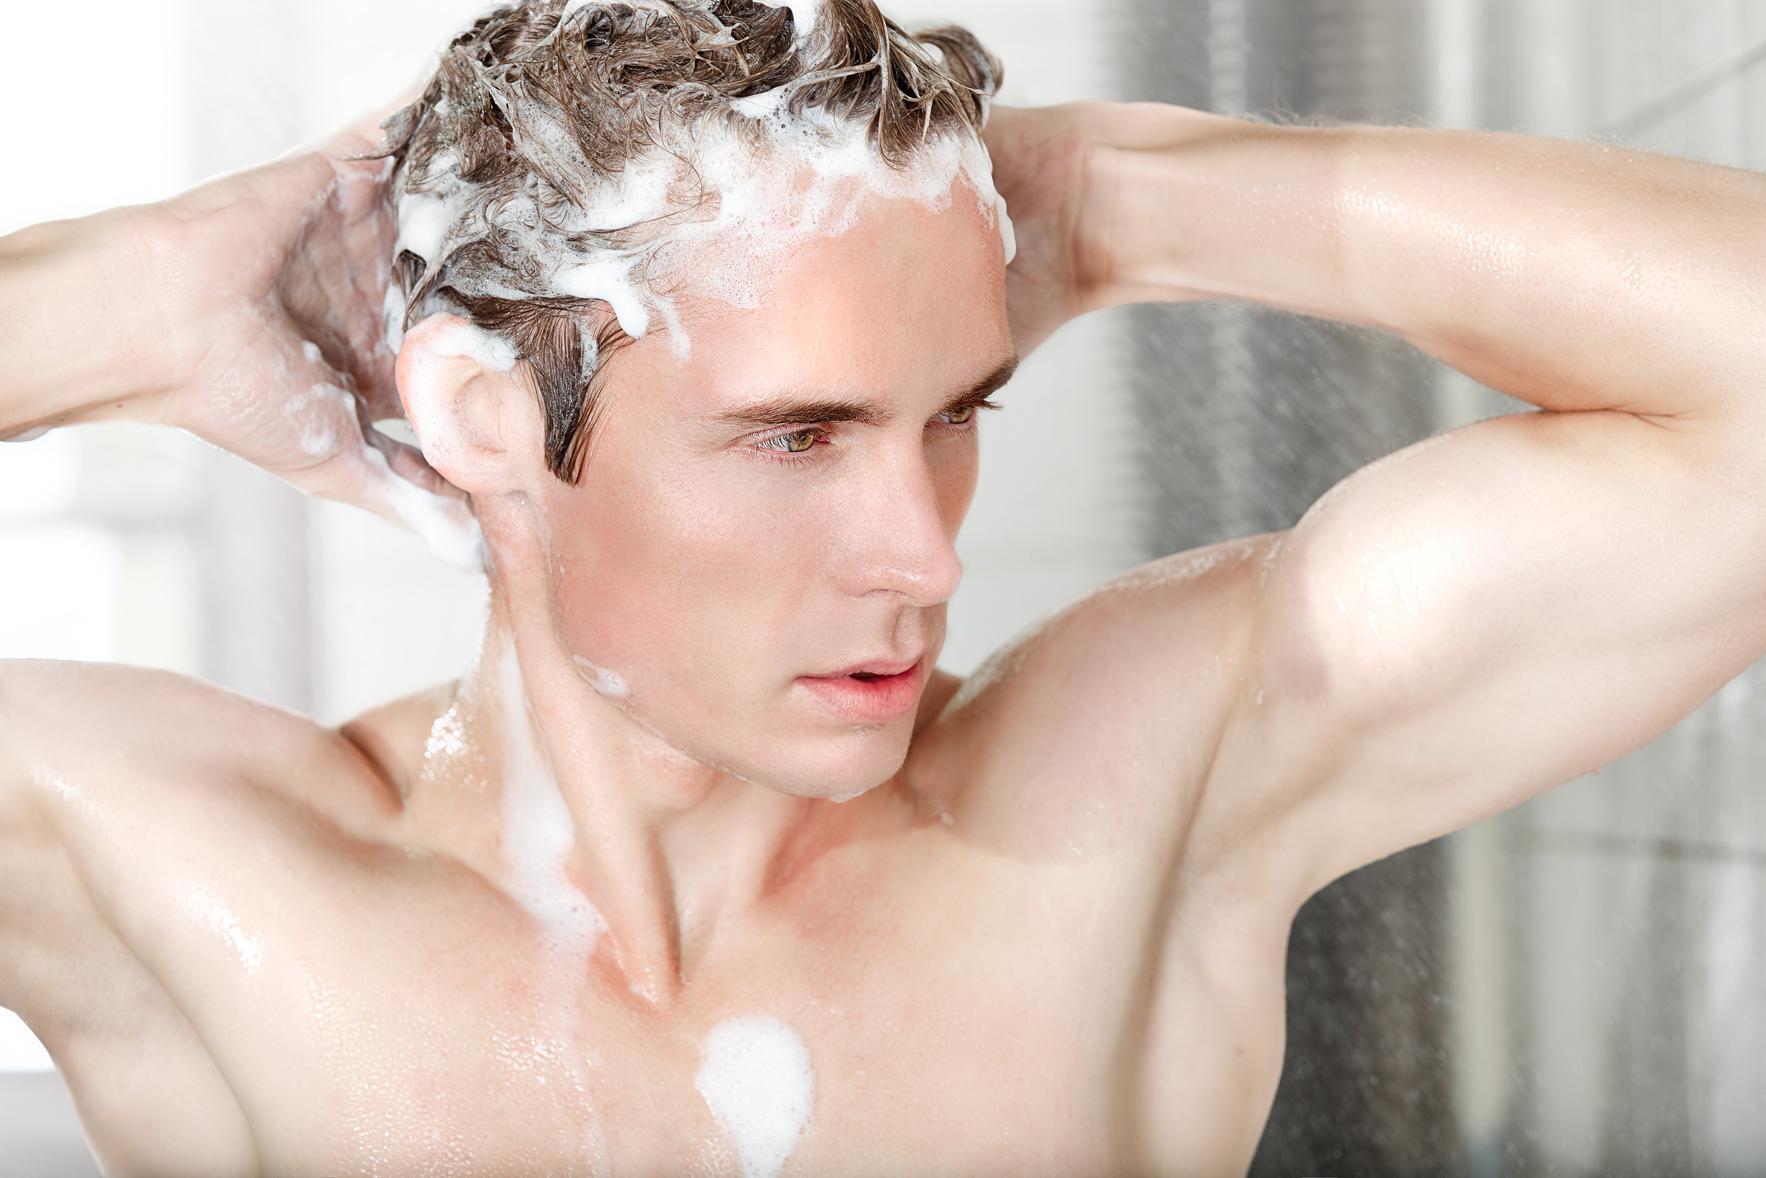 Làm sao để cơ thể luôn thơm cho nam